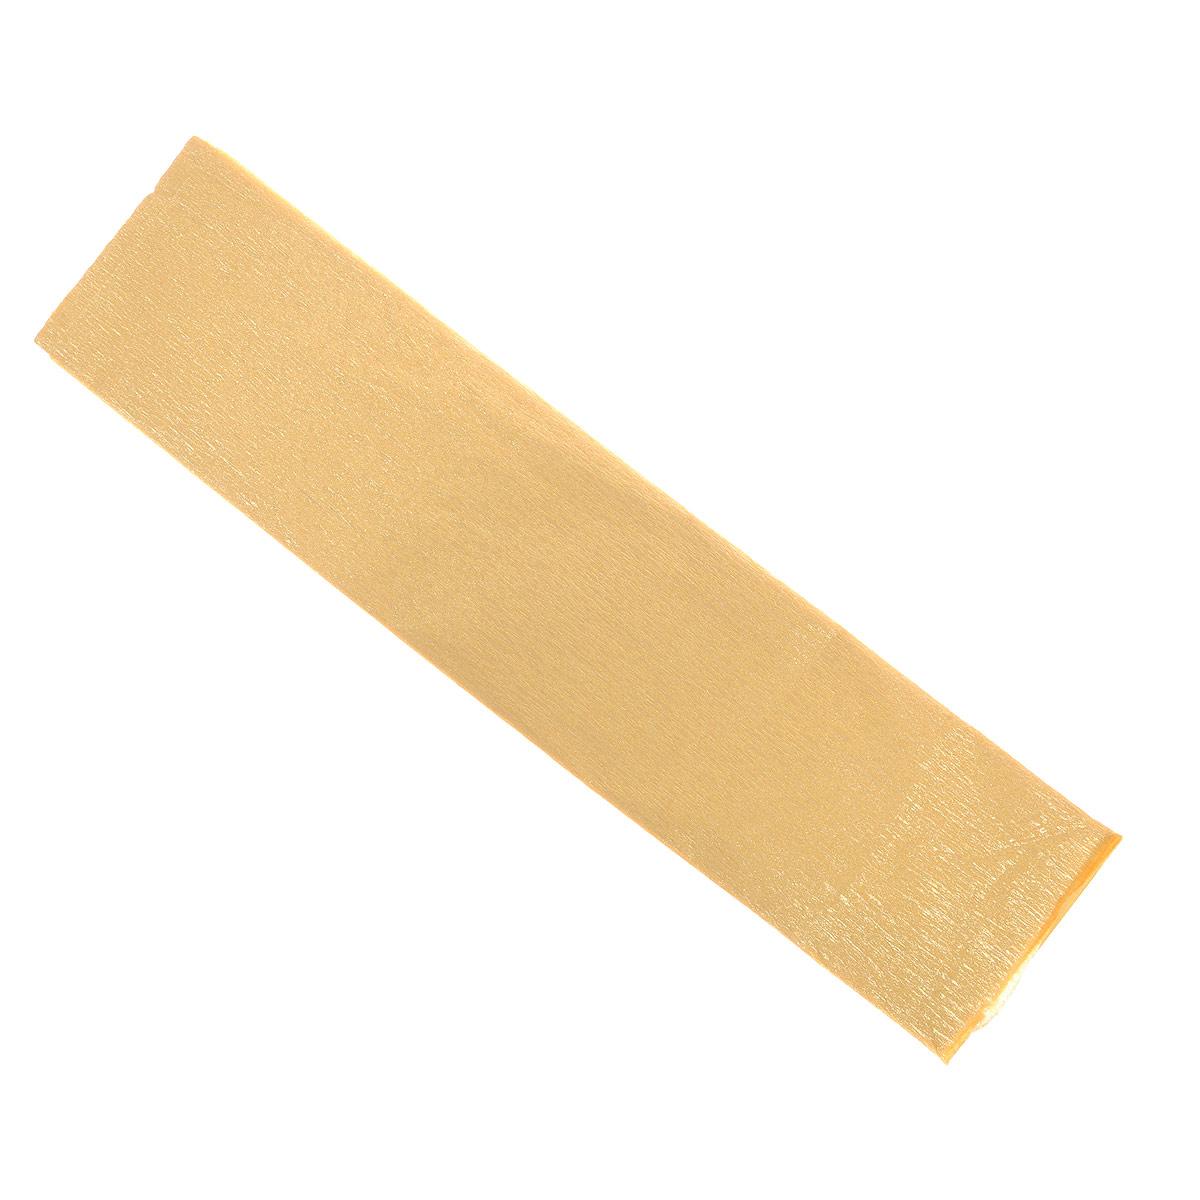 Крепированная бумага Hatber, перламутровая, цвет: желтый, 5 см х 25 смБк2пл_00016Цветная крепированная бумага Hatber - отличный вариант для развития творчества вашего ребенка. Бумага с фактурным покрытием очень гибкая и мягкая, из нее можно создавать чудесные аппликации, игрушки, подарки и объемные поделки. Цветная крепированная бумага Hatber способствует развитию фантазии, цветовосприятия и мелкой моторики рук. Размер бумаги - 5 см х 25 см.